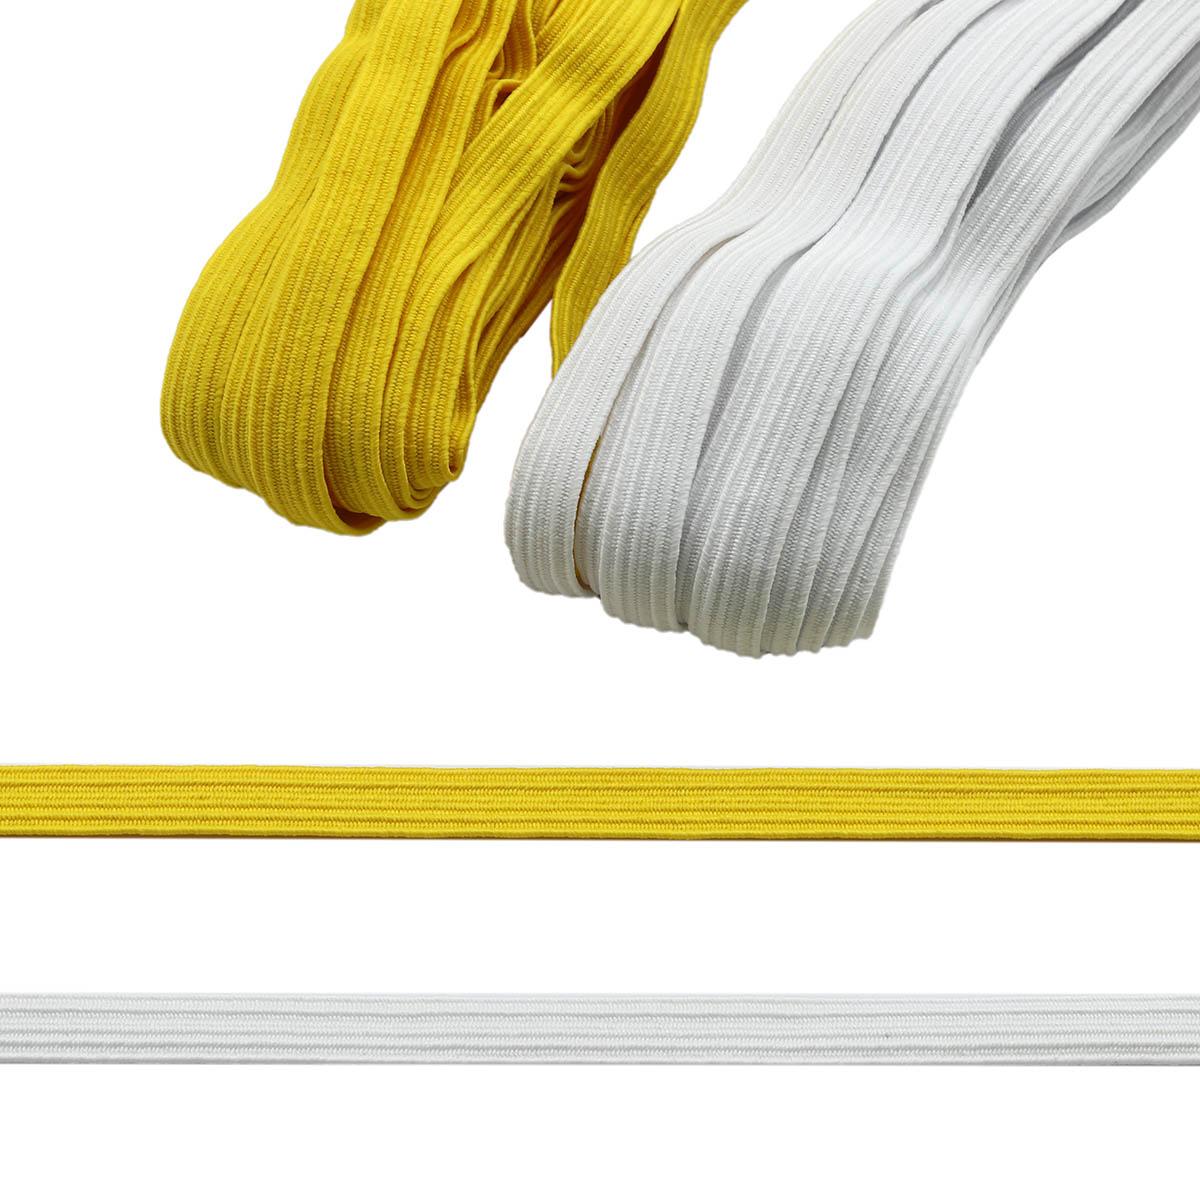 Резинка-продежка (тесьма эластичная) 10 мм (2 мот по 10м), цв. белый, желтый